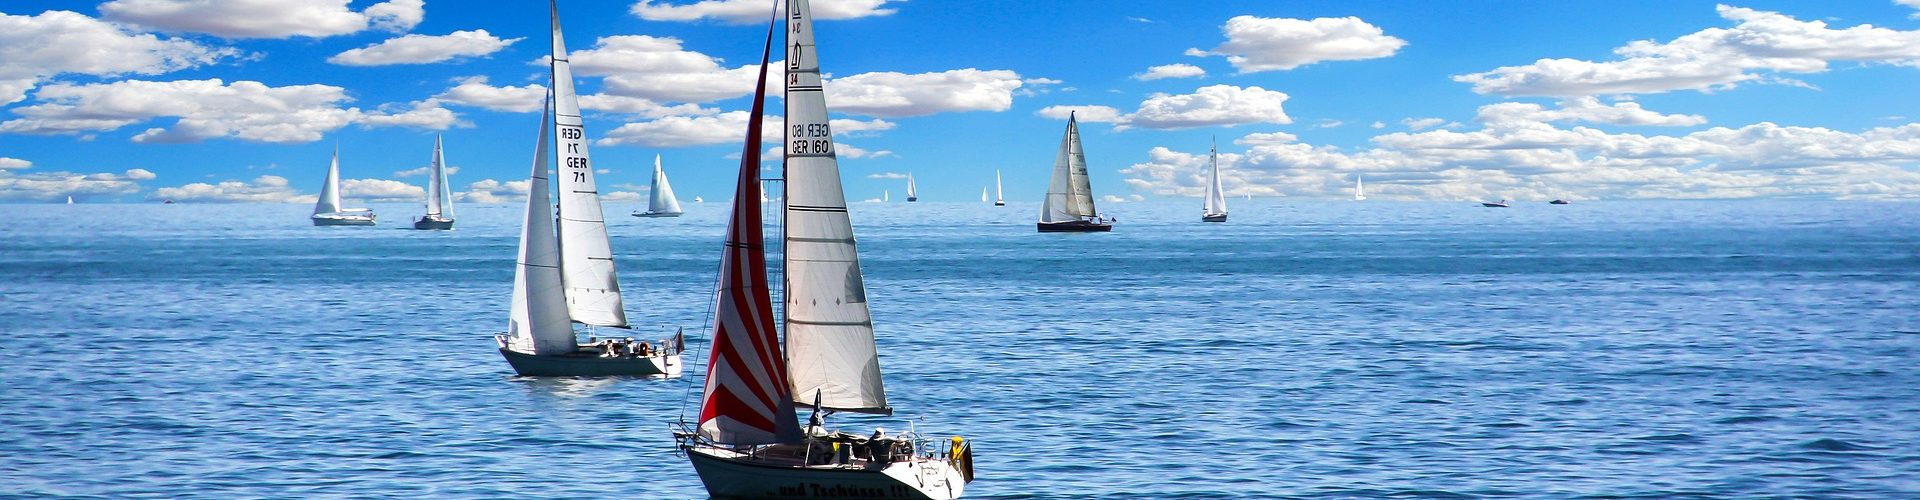 segeln lernen in Heist segelschein machen in Heist 1920x500 - Segeln lernen in Heist